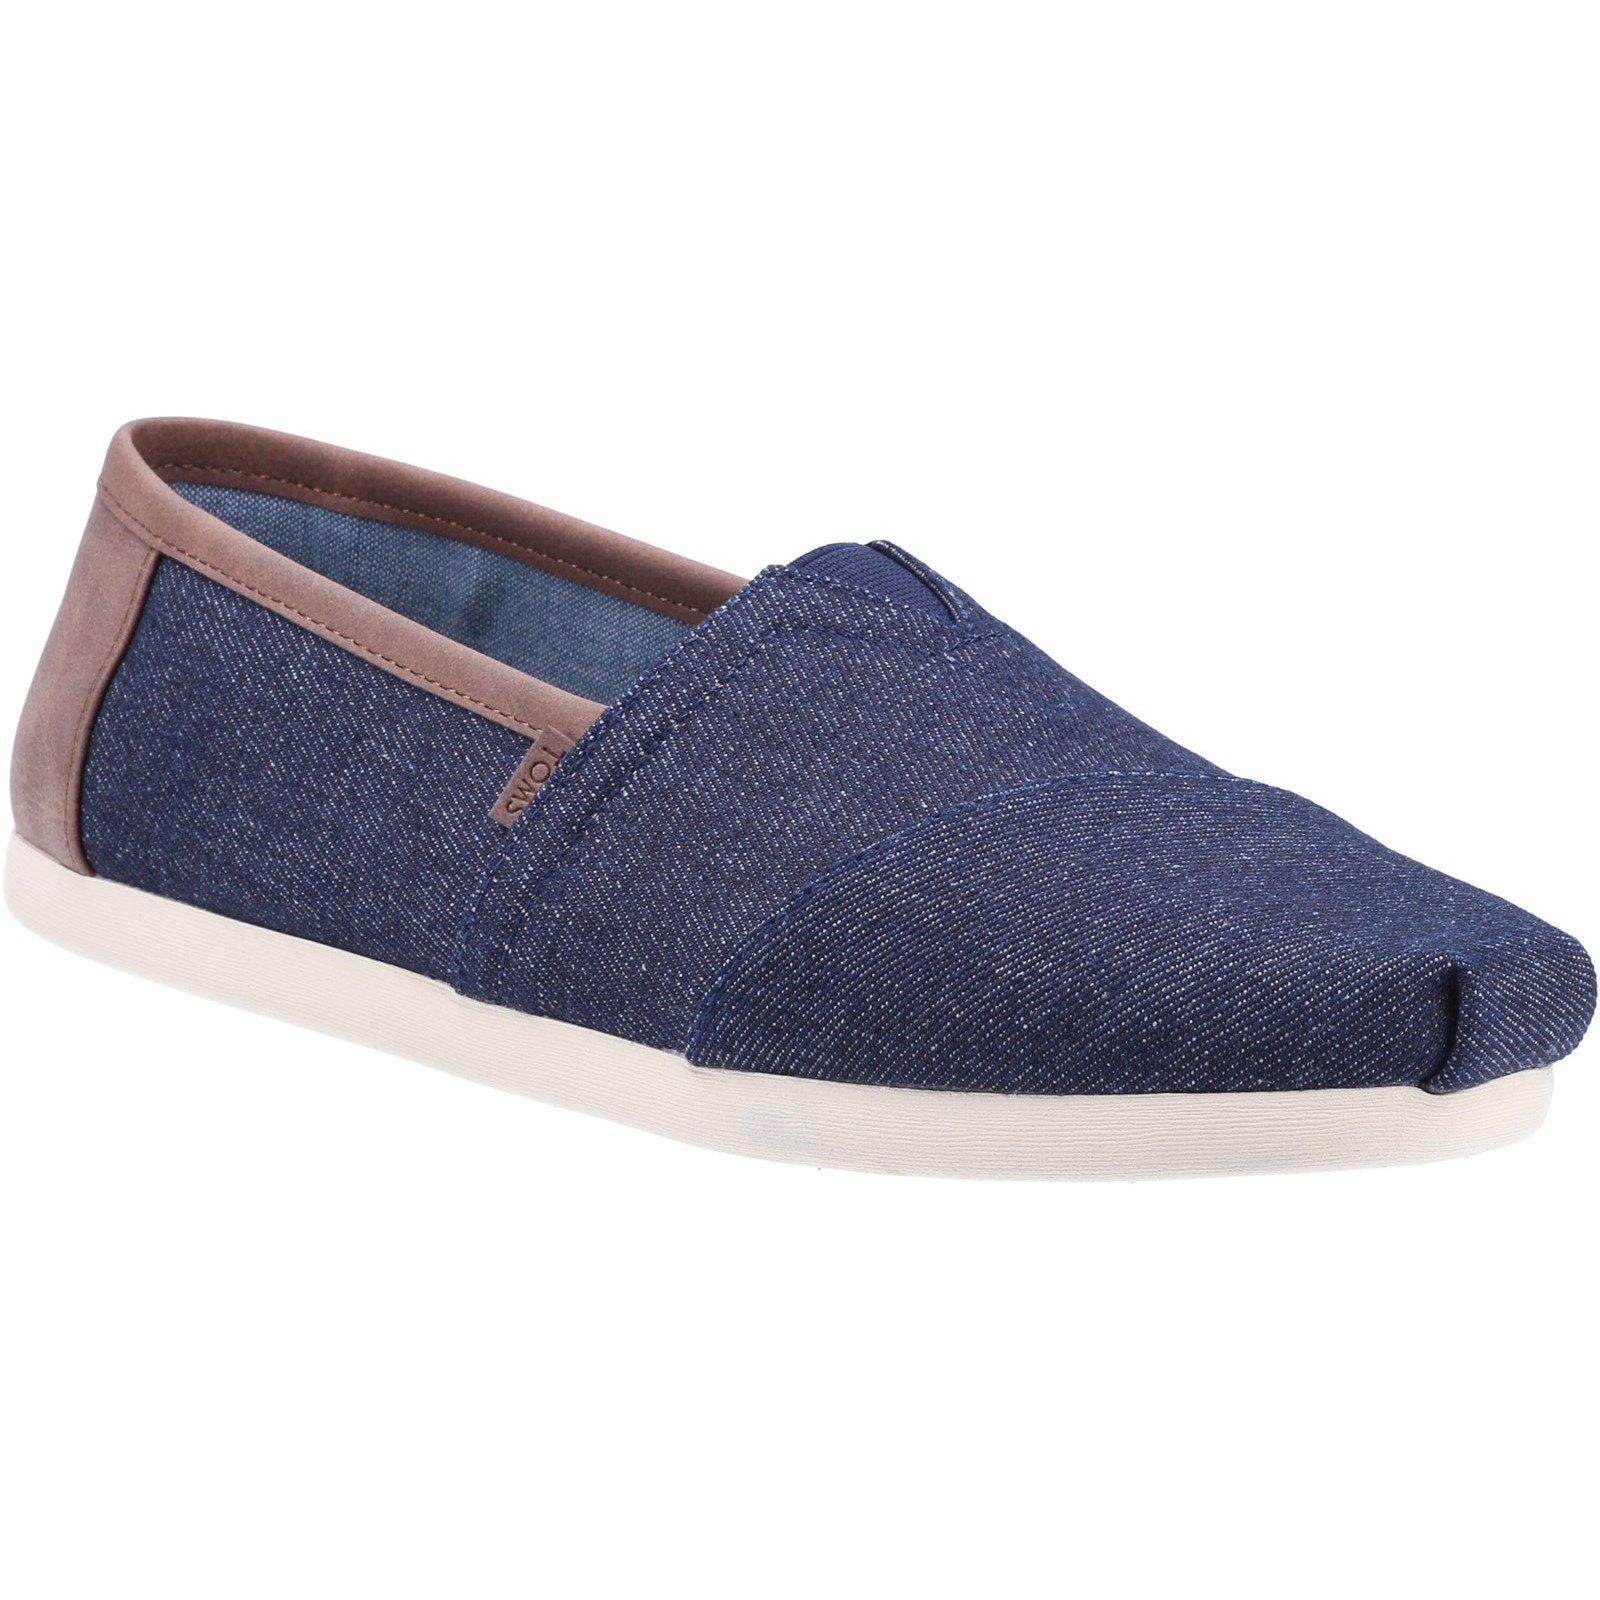 TOMS Men's Alpargata Dark Denim Trim Loafer Blue 32548 - Blue 9